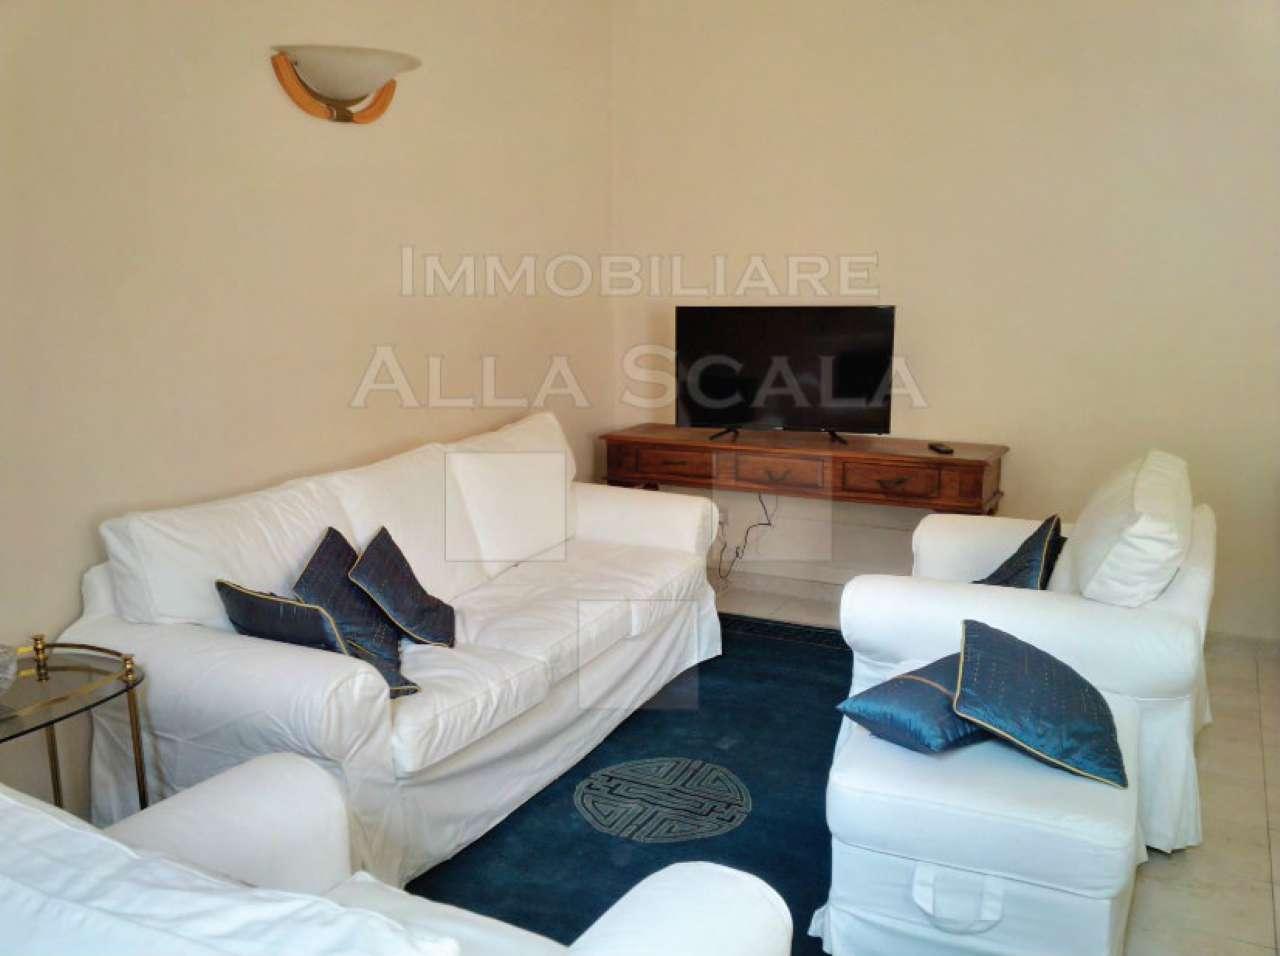 Appartamento in affitto a Milano, 3 locali, zona Zona: 1 . Centro Storico, Duomo, Brera, Cadorna, Cattolica, prezzo € 2.500 | Cambio Casa.it